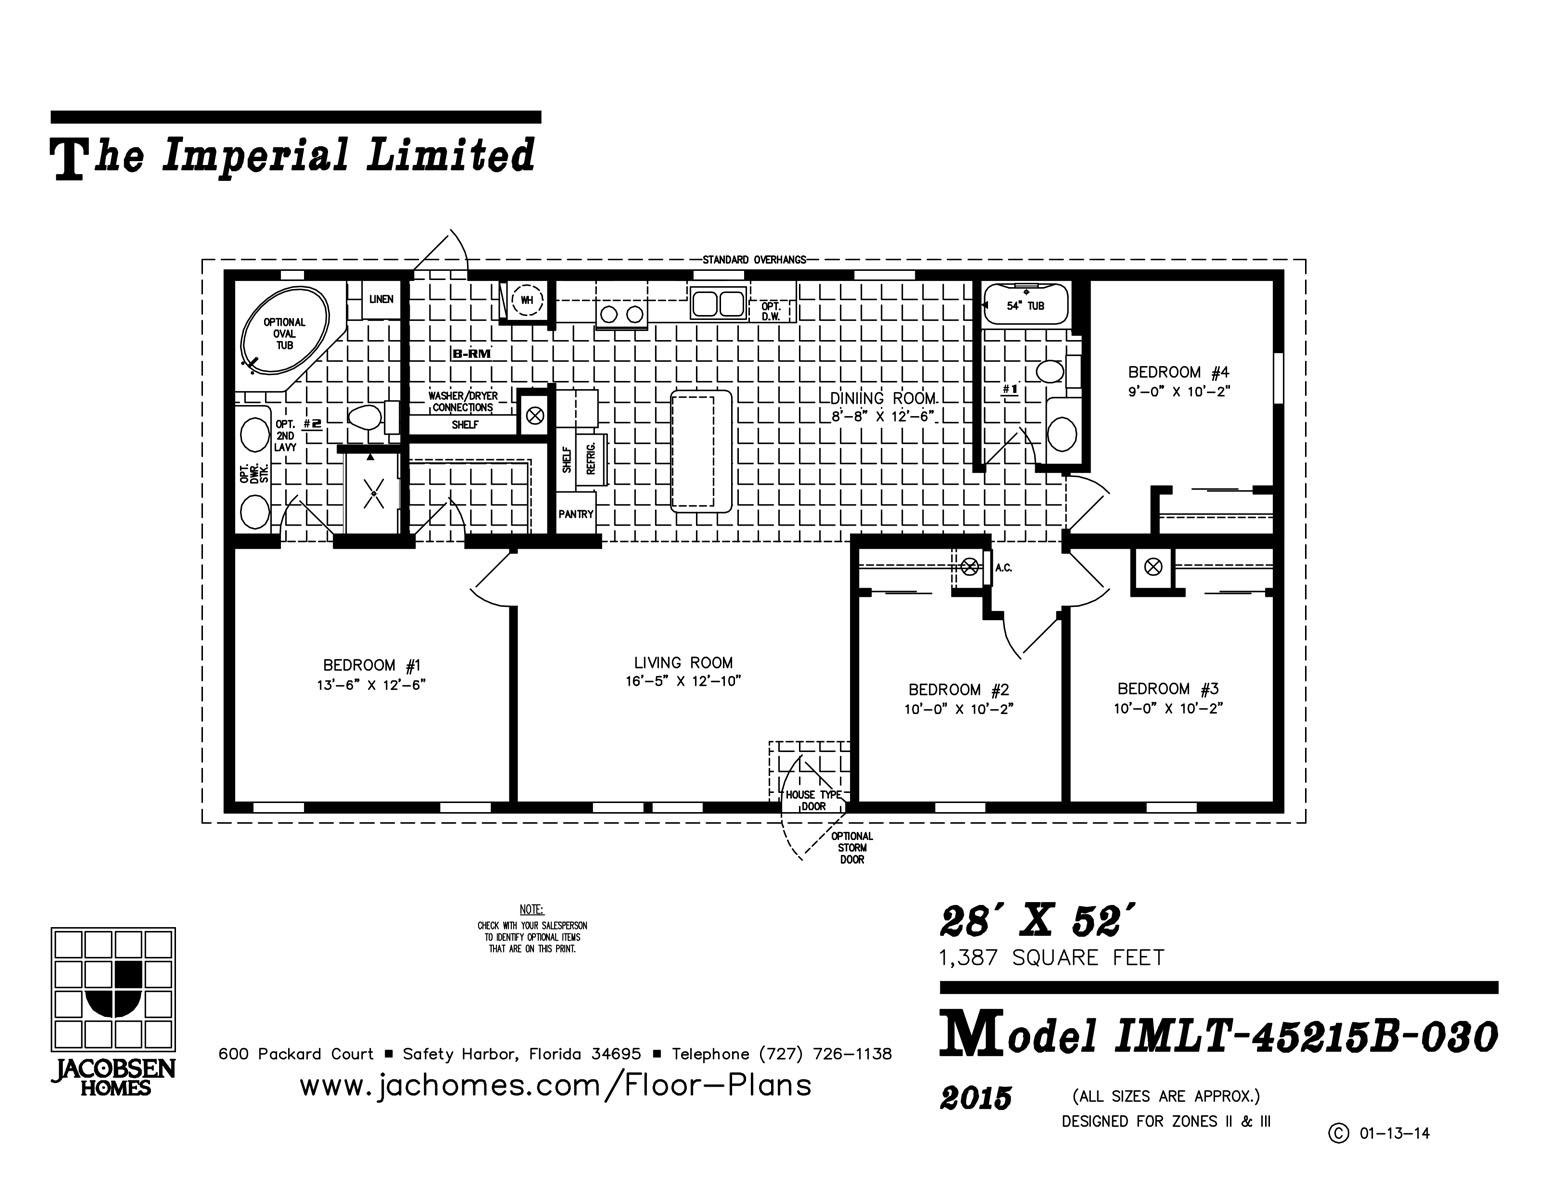 IMLT-45215B-030 Mobile Home Floor Plan - Ocala Custom Homes